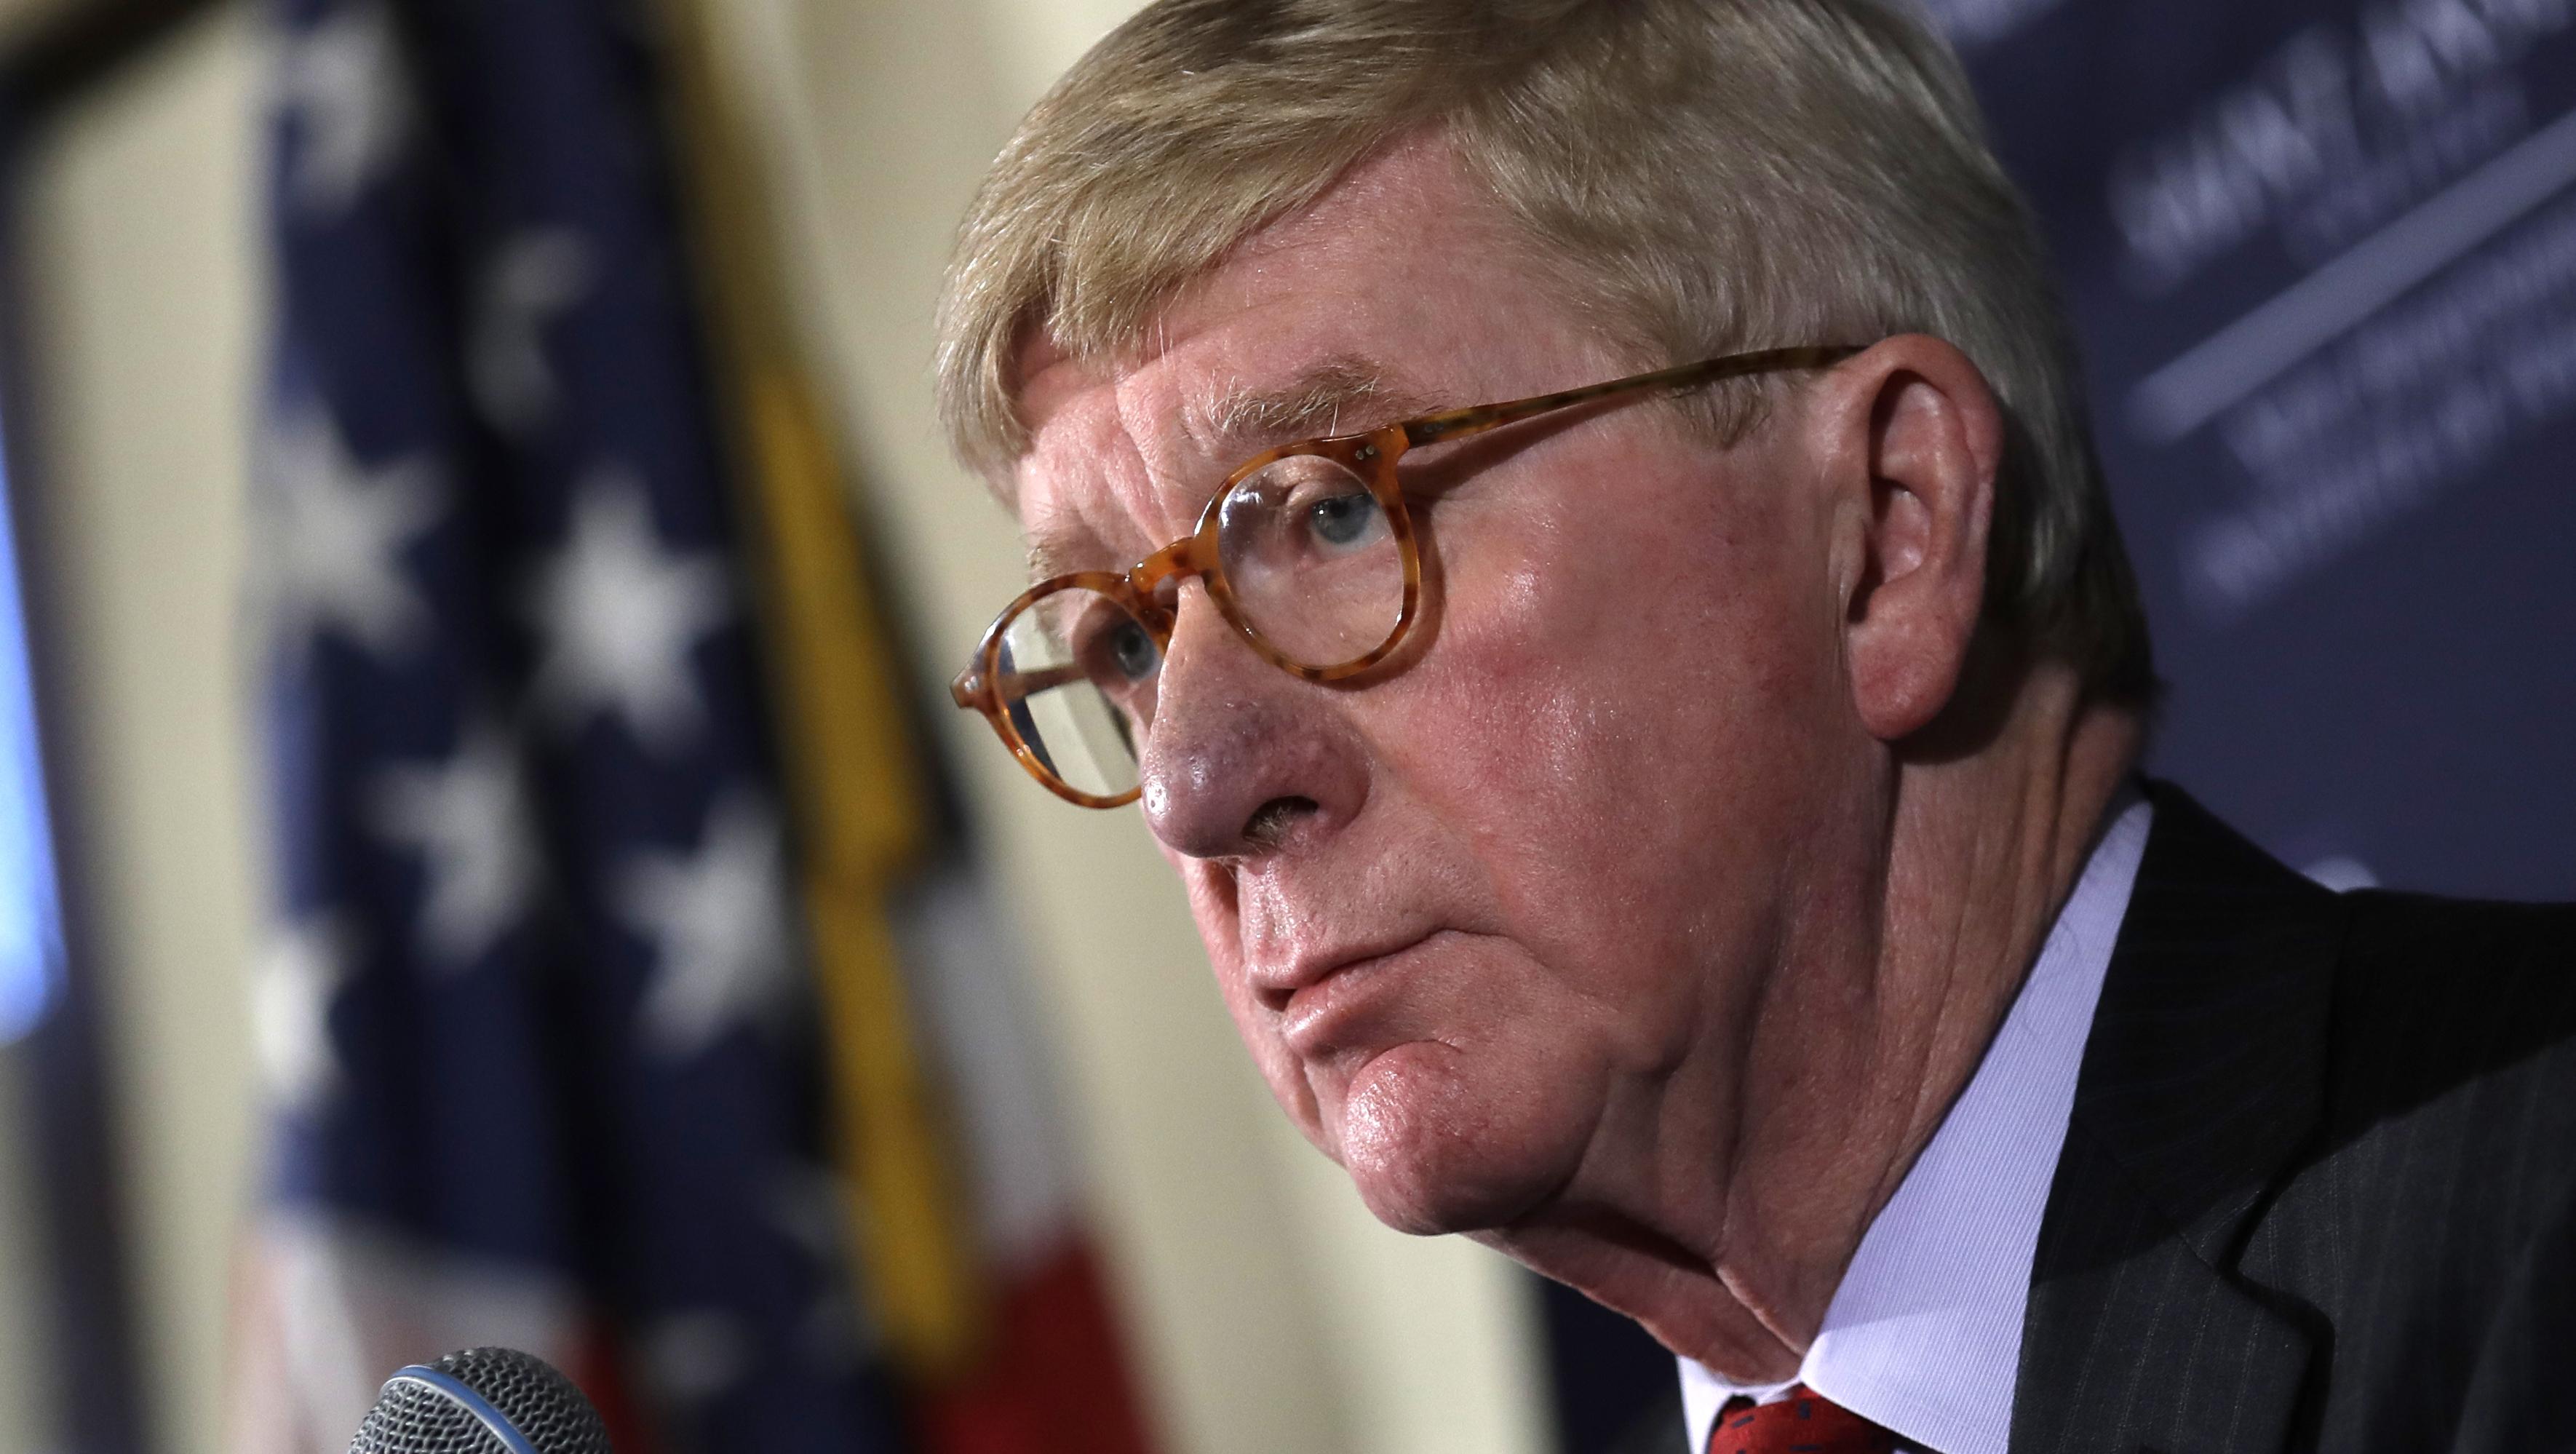 Weld says Trump's Ukraine call is 'treason'